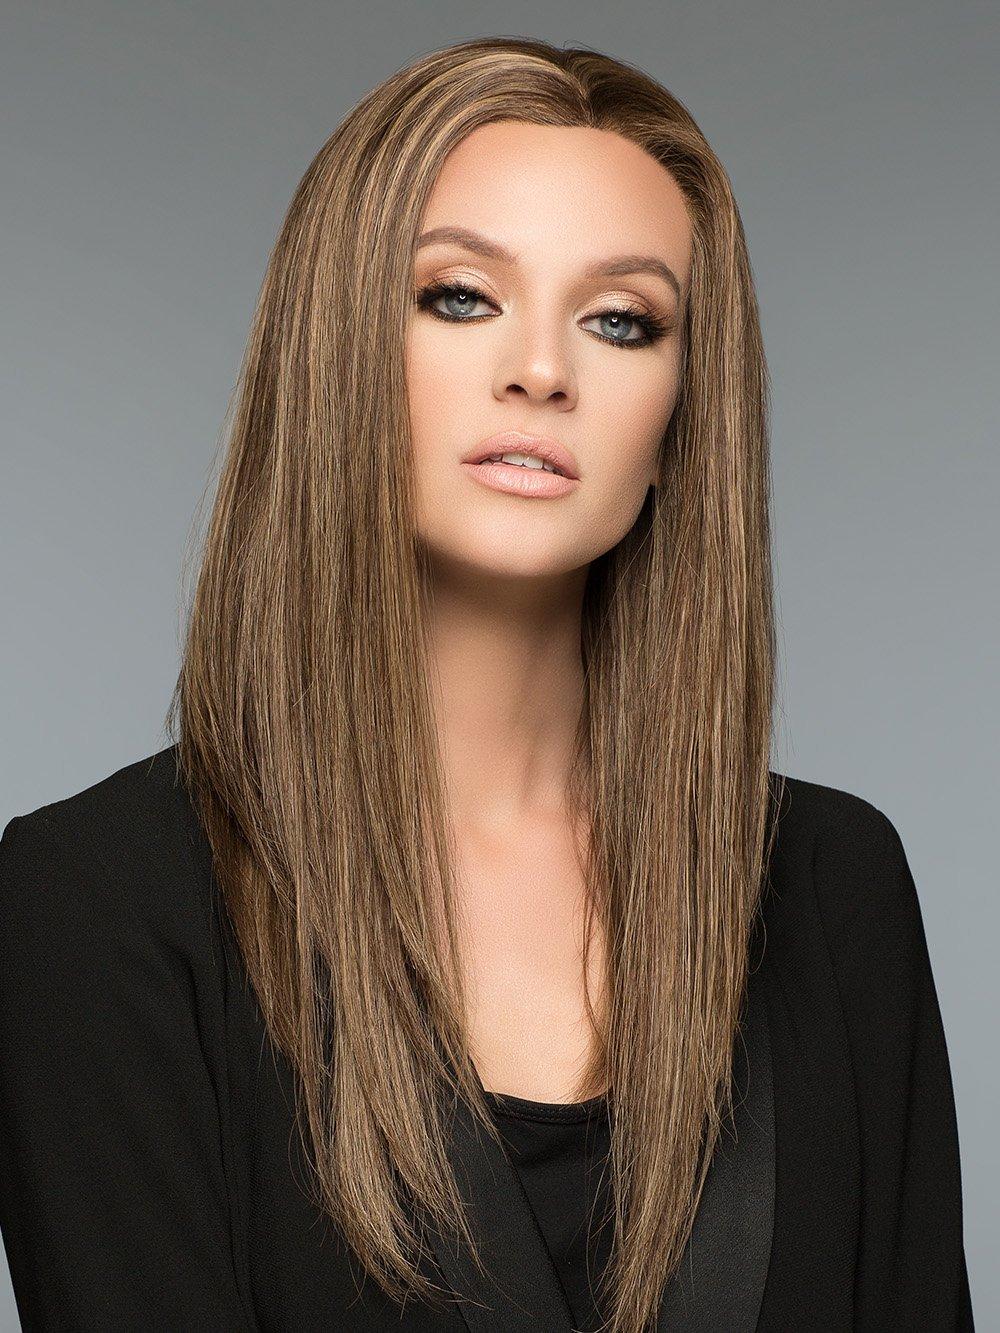 Тонкие длинные волосы фото красиво ли это